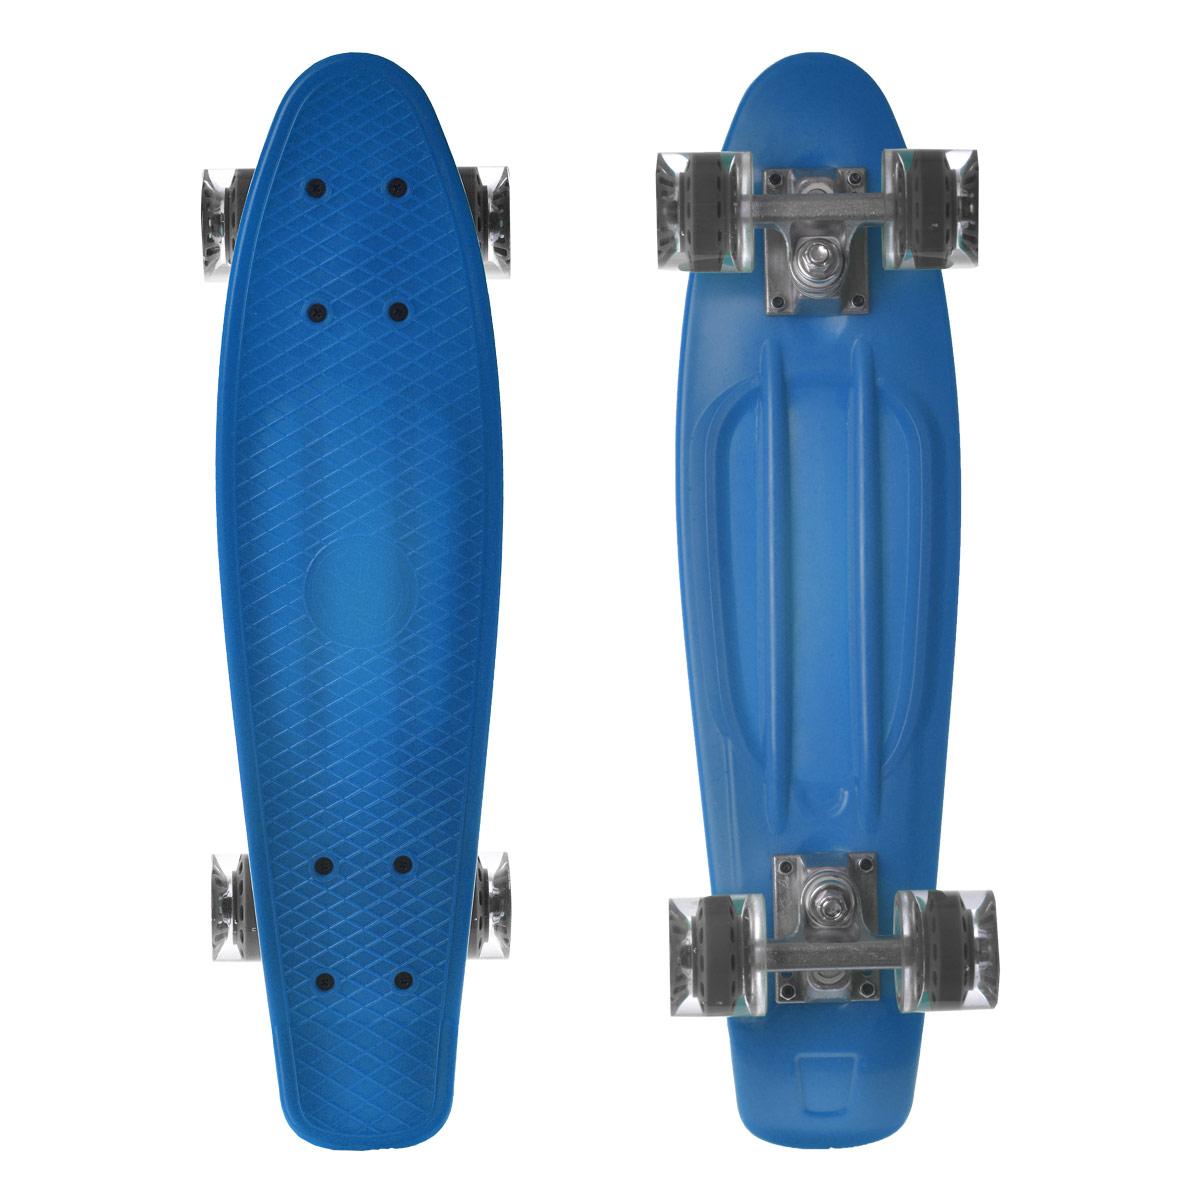 Скейтборд пластиковый Larsen, цвет: синий, 55 см х 15 см. BKA0020E333752Пенни борд Larsen подходит для начинающих райдеров и предназначен для уличного катания. Пенни борд имеет специальный выпуклый рисунок в виде сетки, предотвращающий скольжение.Дека выполнена из высококачественного пластика. Подвеска - из прочного алюминия.Высота скейтборда от пола - 10 см. Максимальный вес пользователя - 100 кг. Полиуретановые колеса обеспечивают хорошее сцепление с поверхностью, быстрый разгон и торможение.В последнее время экстремальные виды спорта, такие как катание на скейтборде, становятся очень популярными. Скейтбординг - это зрелищный и экстремальный вид спорта, представляющий собой катание на роликовой доске с преодолением препятствий и выполнением различных трюков.